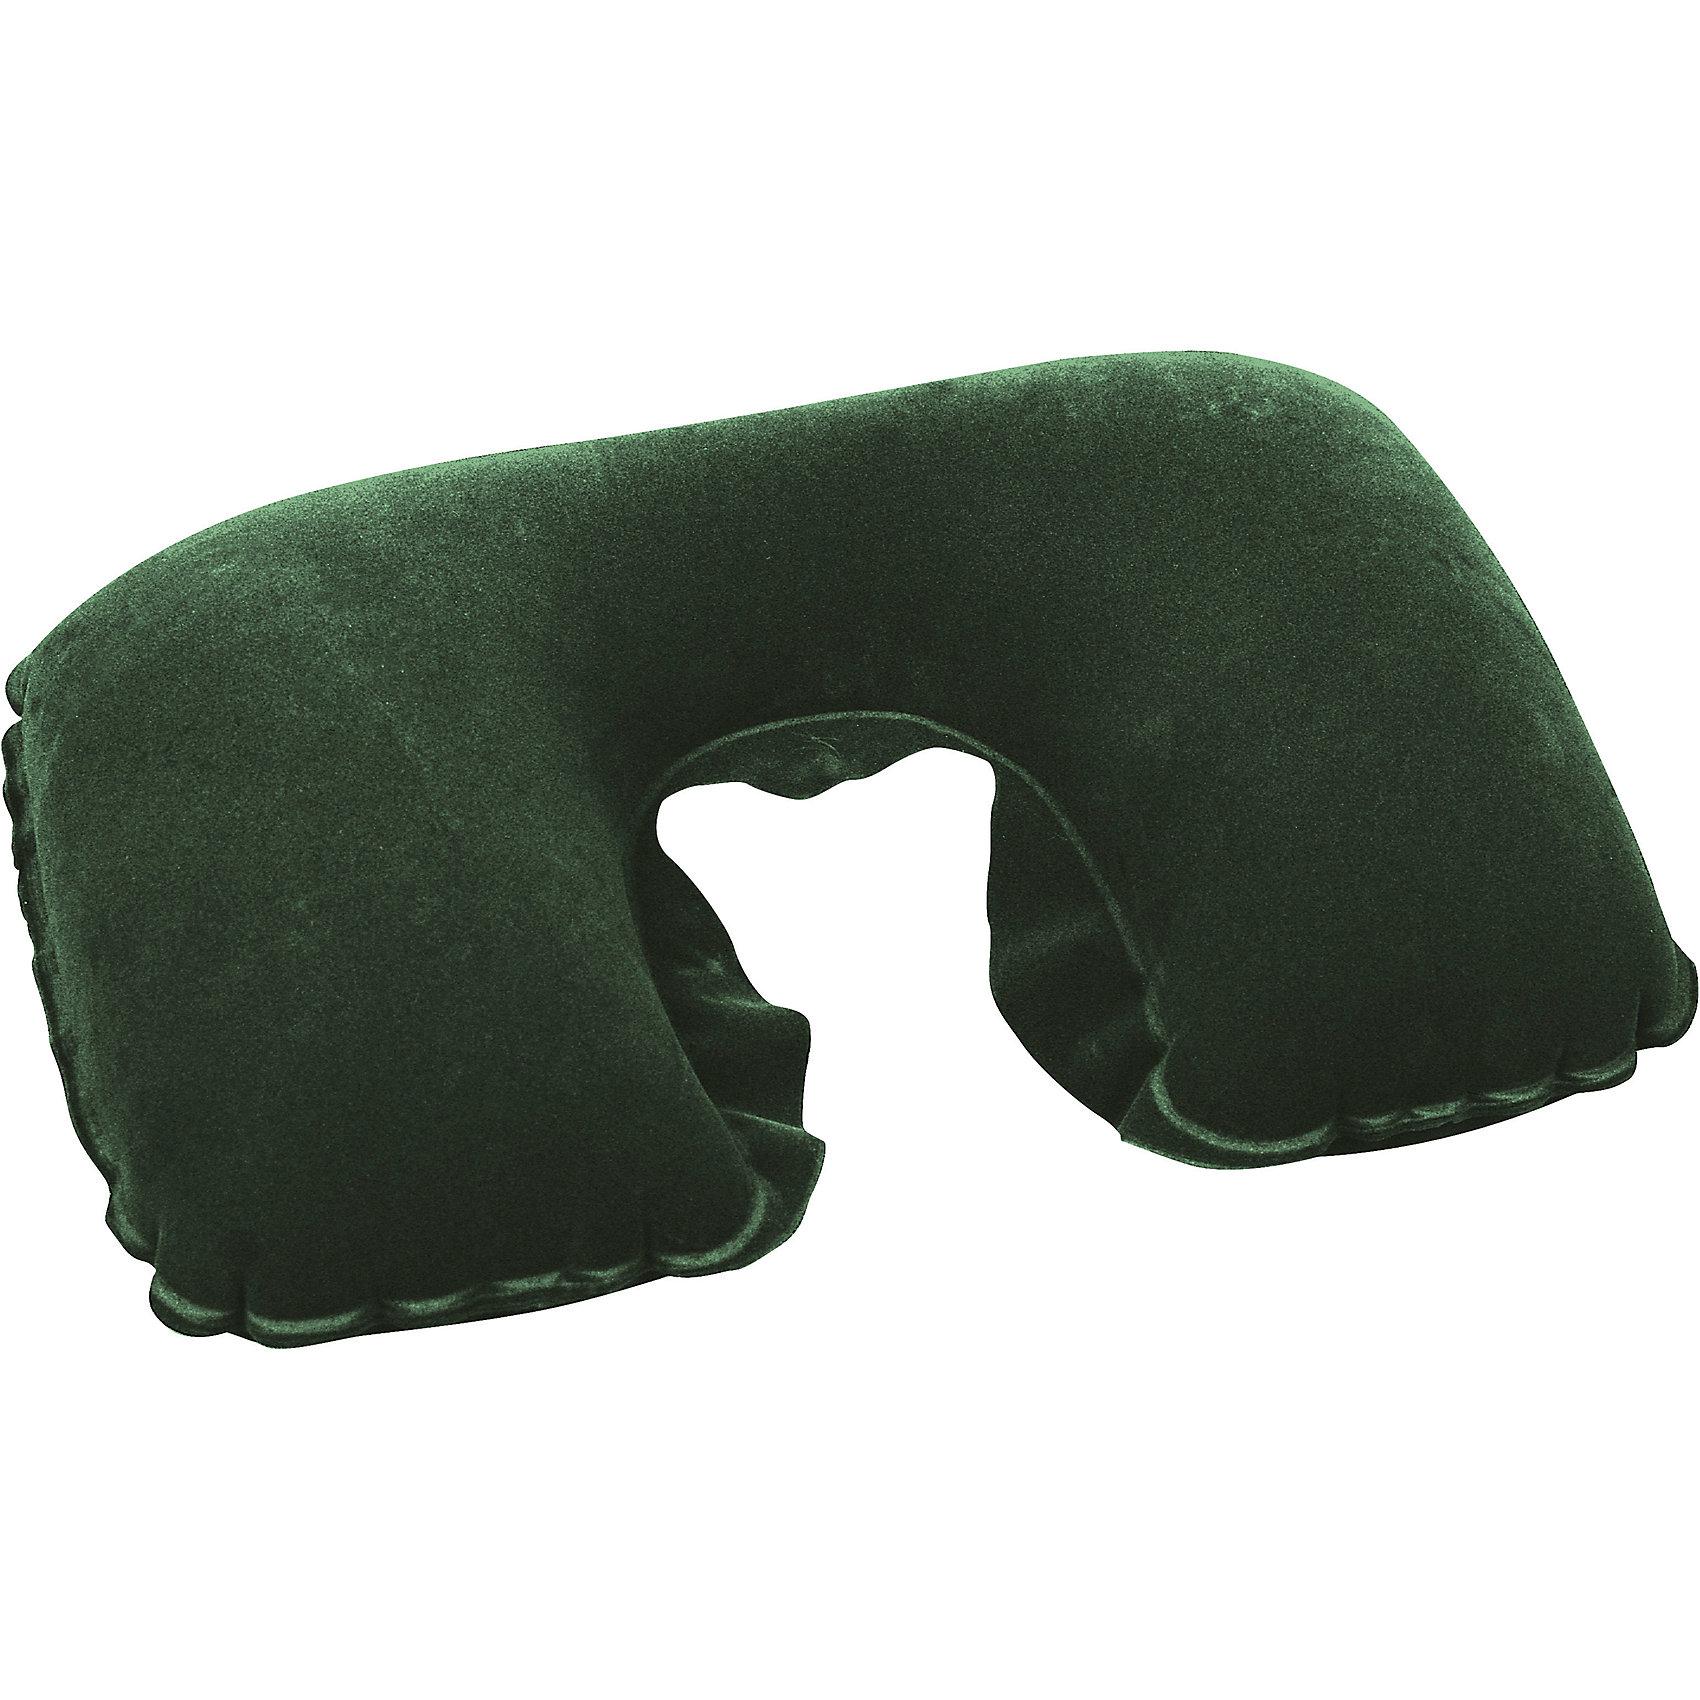 Подушка надувная под шею, темно-зеленая, BestwayШейные подушки<br>Подушка надувная под шею, темно-зеленая, Bestway (Бествей)<br><br>Характеристики:<br><br>• прочная и мягкая<br>• надежно фиксирует голову<br>• размер: 46х28х12 см<br>• максимальная нагрузка: 25 кг<br>• цвет: темно-зеленый<br>• вес: 105 грамм<br><br>Надувная подушка Bestway позаботится о вашем комфорте во время поездки или путешествий. Подушка позволяет расслабить мышцы шеи, надежно фиксируя голову. А ее поверхность отличается мягкостью. Подушка легко чистится при необходимости. Изготовлена из прочных, износостойких материалов.<br><br>Подушку надувную под шею, темно-зеленый, Bestway (Бествей) вы можете купить в нашем интернет-магазине.<br><br>Ширина мм: 360<br>Глубина мм: 300<br>Высота мм: 260<br>Вес г: 105<br>Возраст от месяцев: 72<br>Возраст до месяцев: 2147483647<br>Пол: Унисекс<br>Возраст: Детский<br>SKU: 5486930